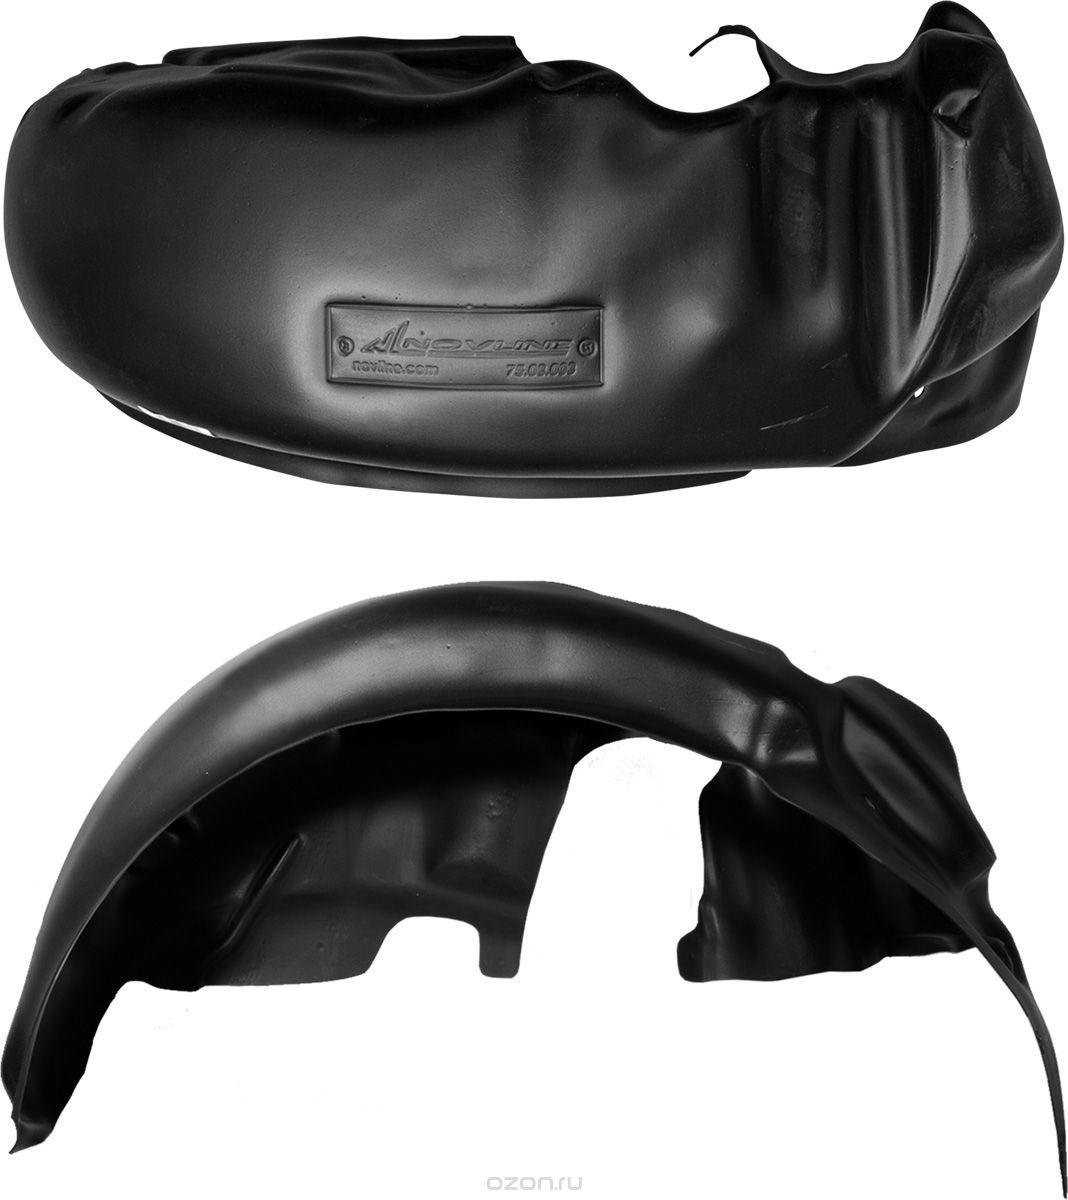 Подкрылок Novline-Autofamily, для CITROEN Jumper 2006-> с расширителями арок, передний левыйSVC-300Идеальная защита колесной ниши. Локеры разработаны с применением цифровых технологий, гарантируют максимальную повторяемость поверхности арки. Изделия устанавливаются без нарушения лакокрасочного покрытия автомобиля, каждый подкрылок комплектуется крепежом. Уважаемые клиенты, обращаем ваше внимание, что фотографии на подкрылки универсальные и не отражают реальную форму изделия. При этом само изделие идет точно под размер указанного автомобиля.